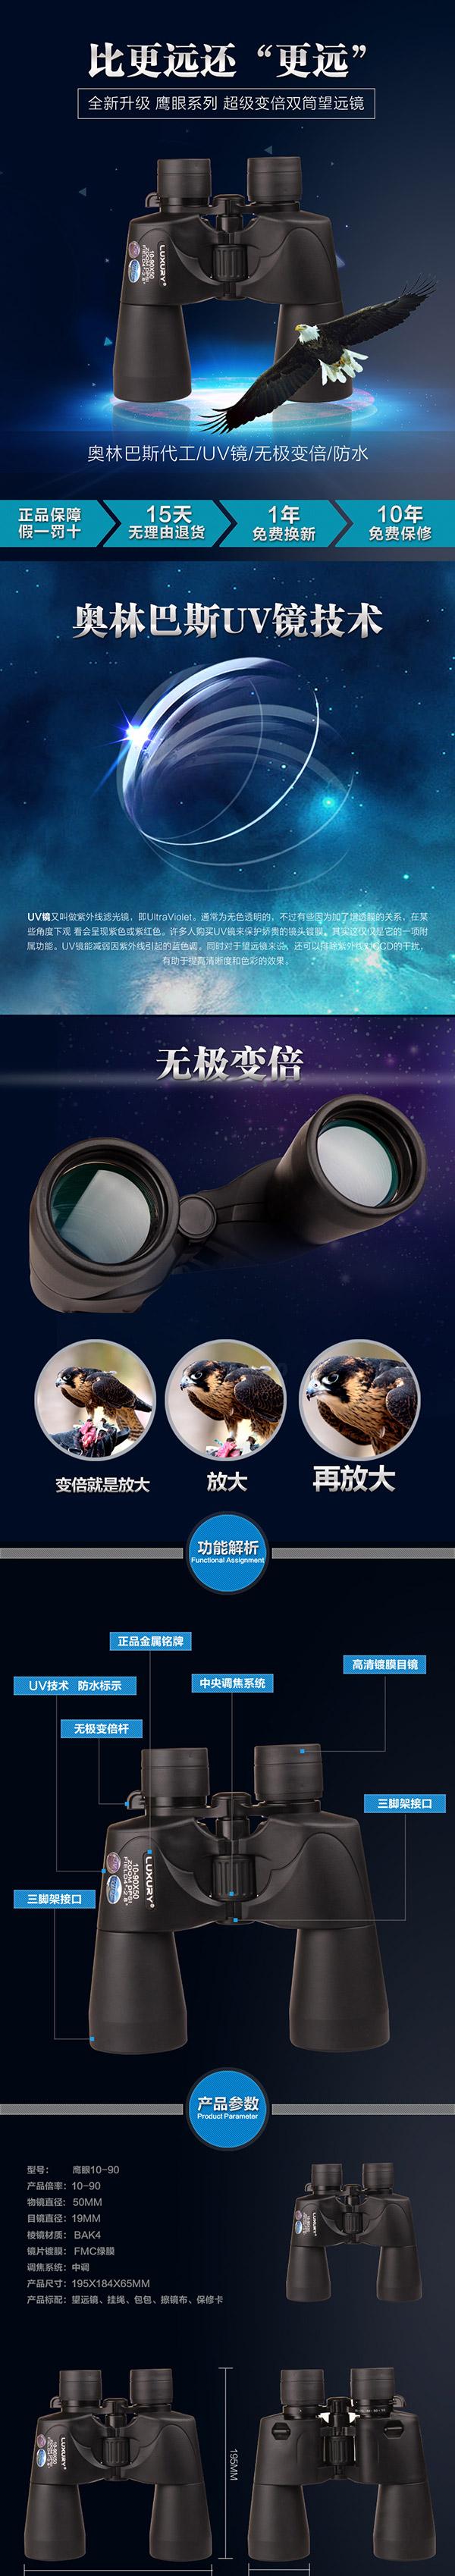 京东精品望远镜详情页设计(6)